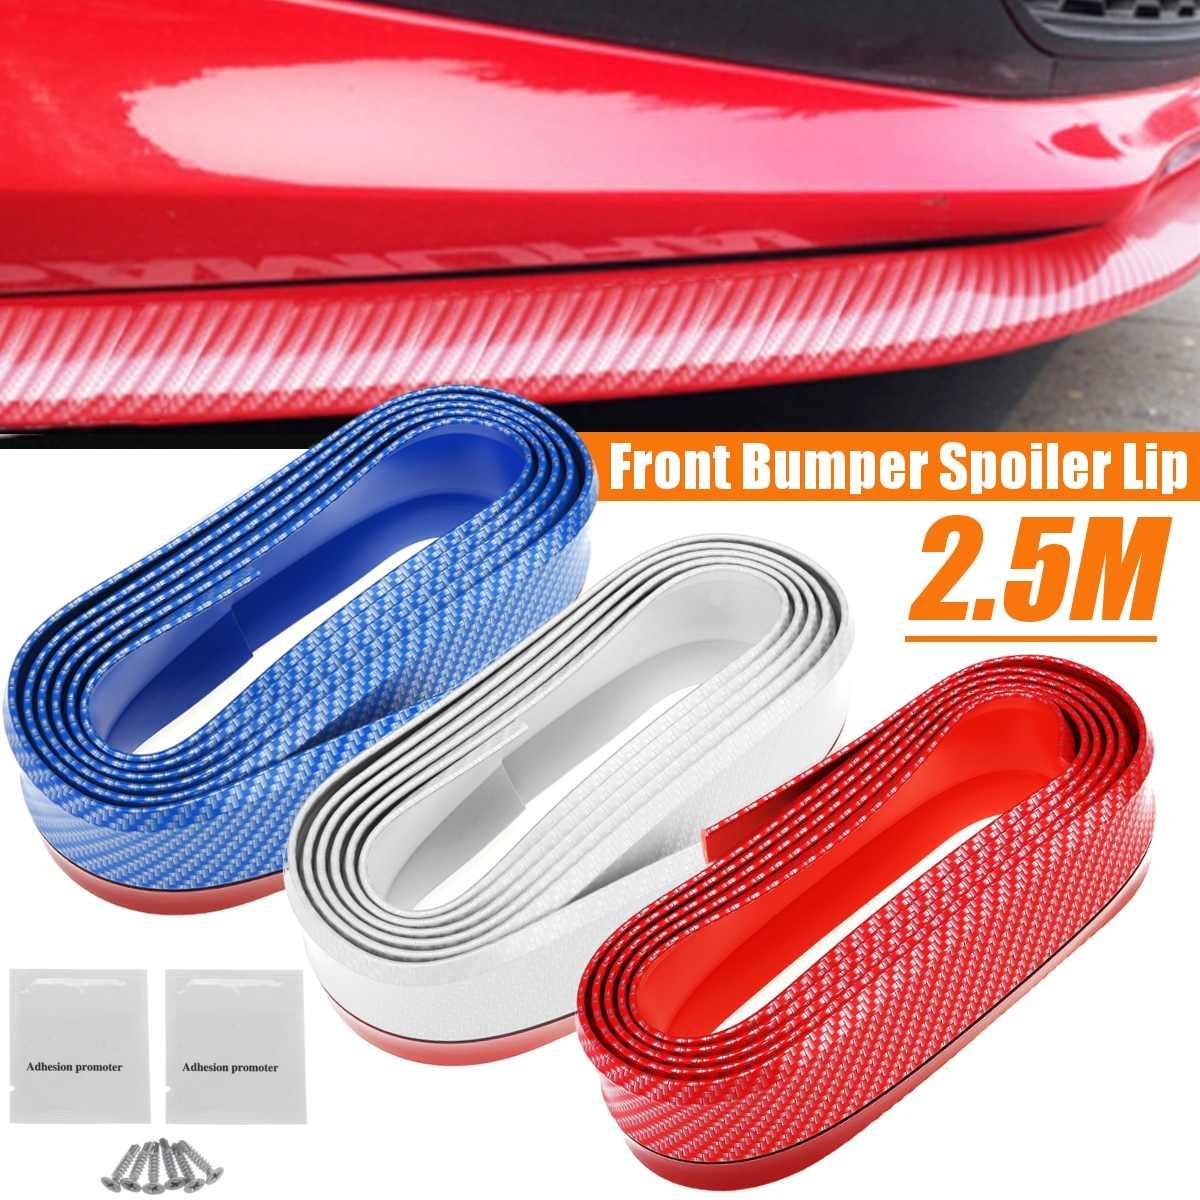 Универсальный автомобильный передний бампер сплиттер спойлер резиновый протектор Защитная крышка наклейка из углеродного волокна красный синий белый для Civic Bmw